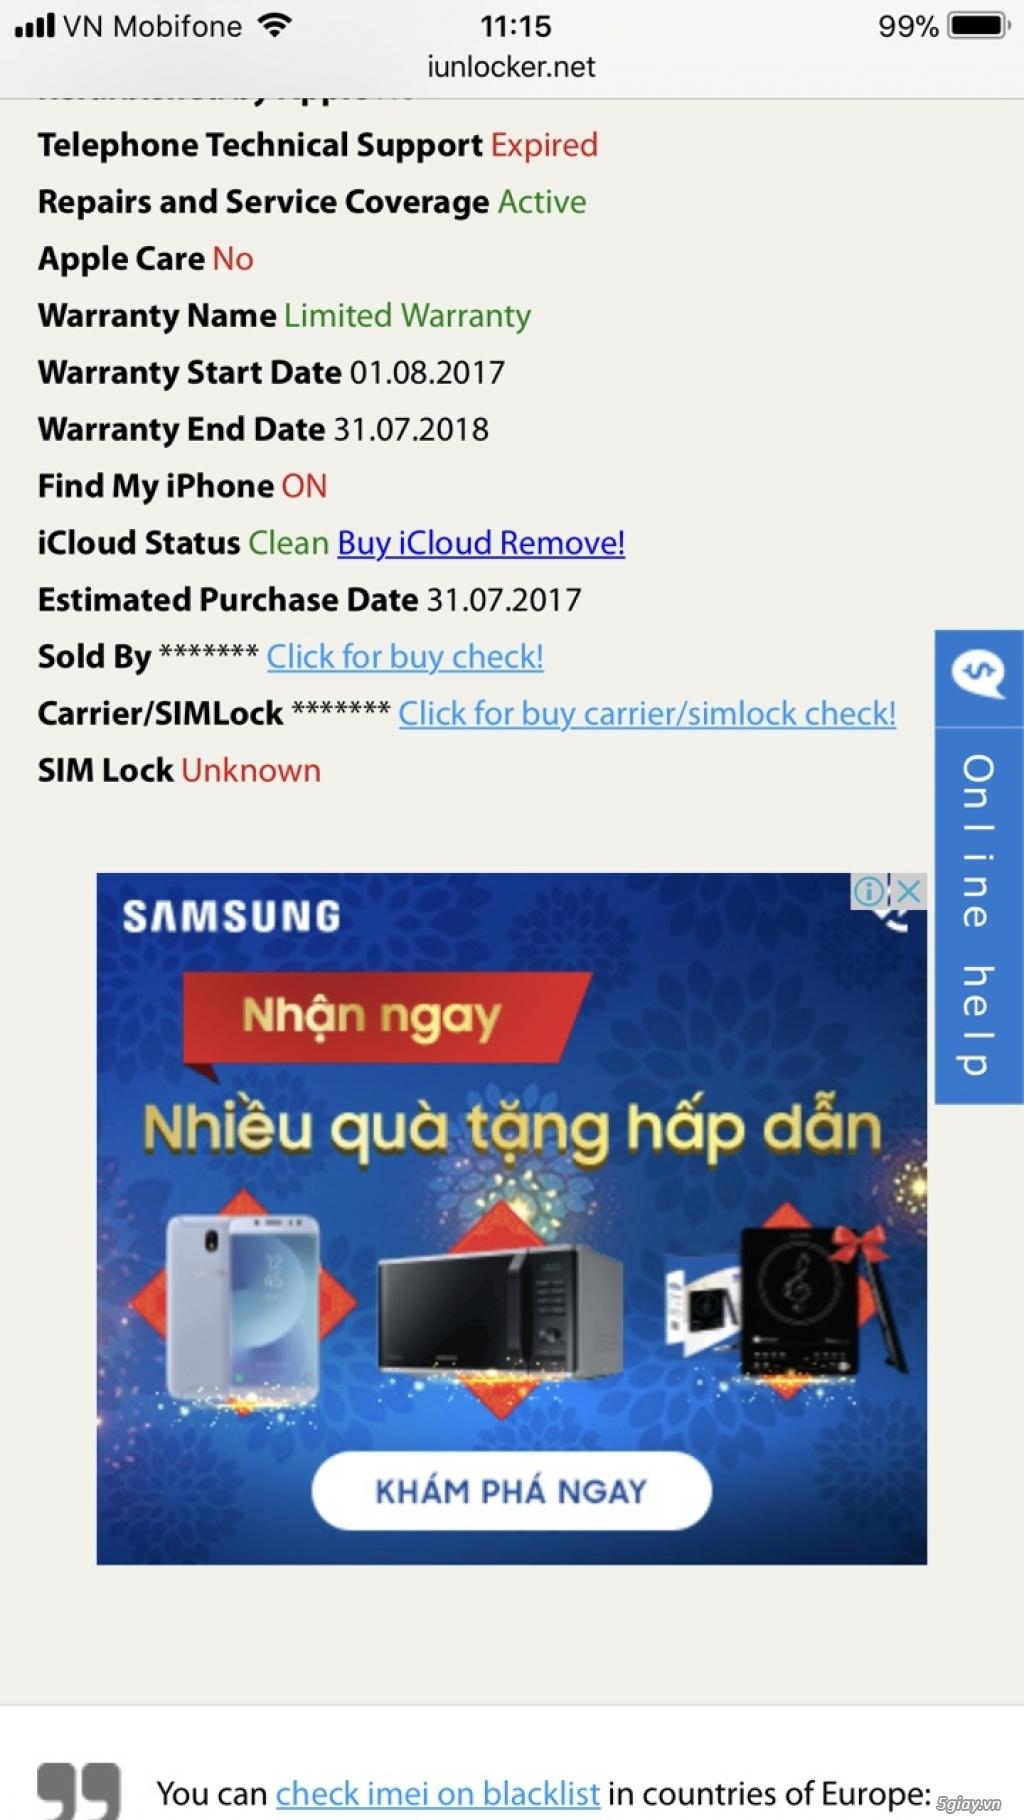 Iphone 7 plus gold 32gb lock Tmobi còn bh 07/2018 - TP Hồ Chí Minh